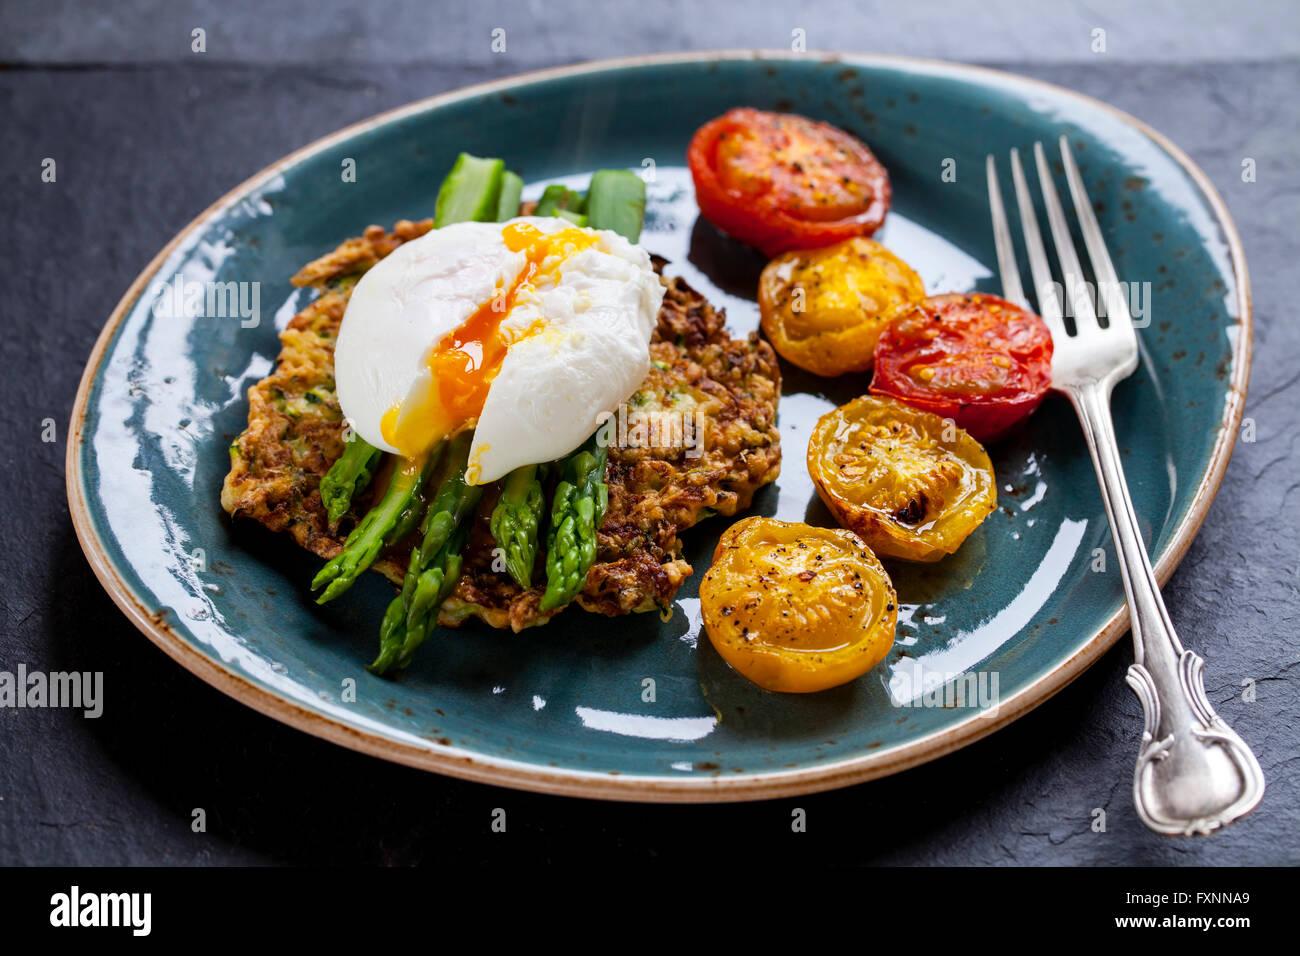 La zucchina röstinchen, Uovo affogato, asparagi e pomodori arrosto Immagini Stock